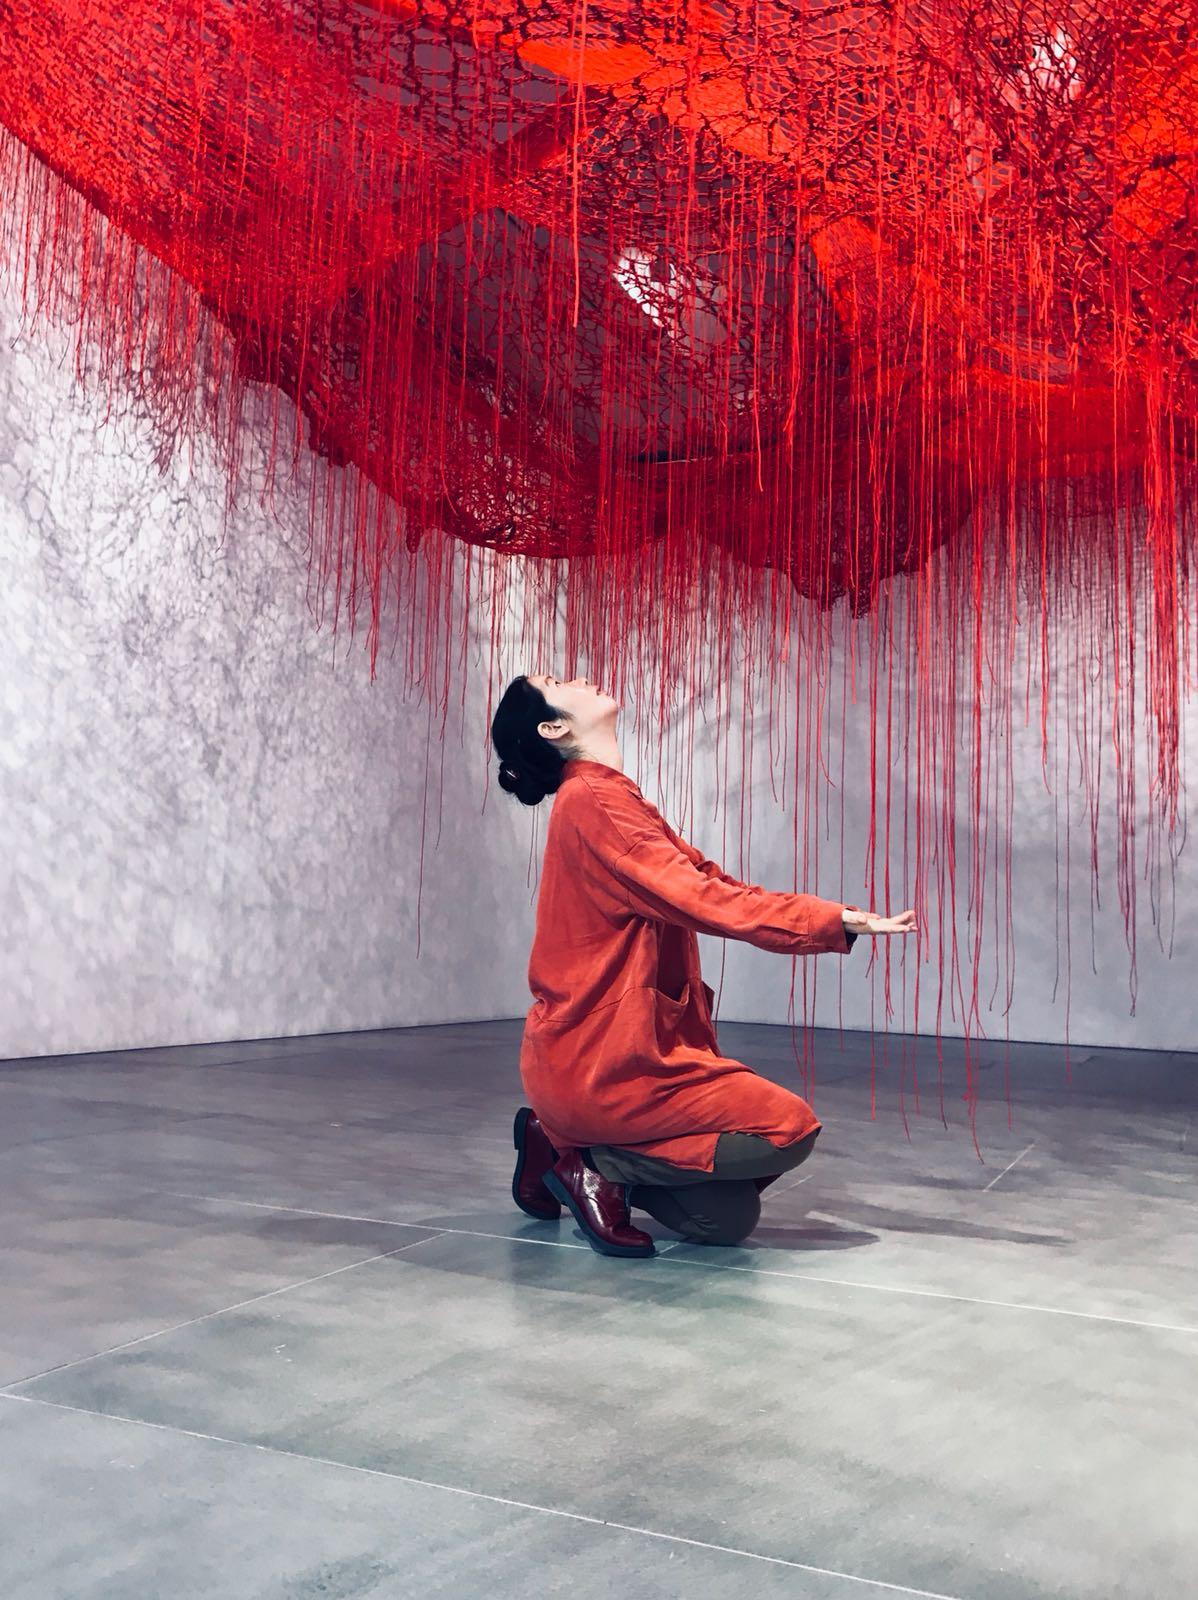 Chiharu Shiota- The art blackberry 3